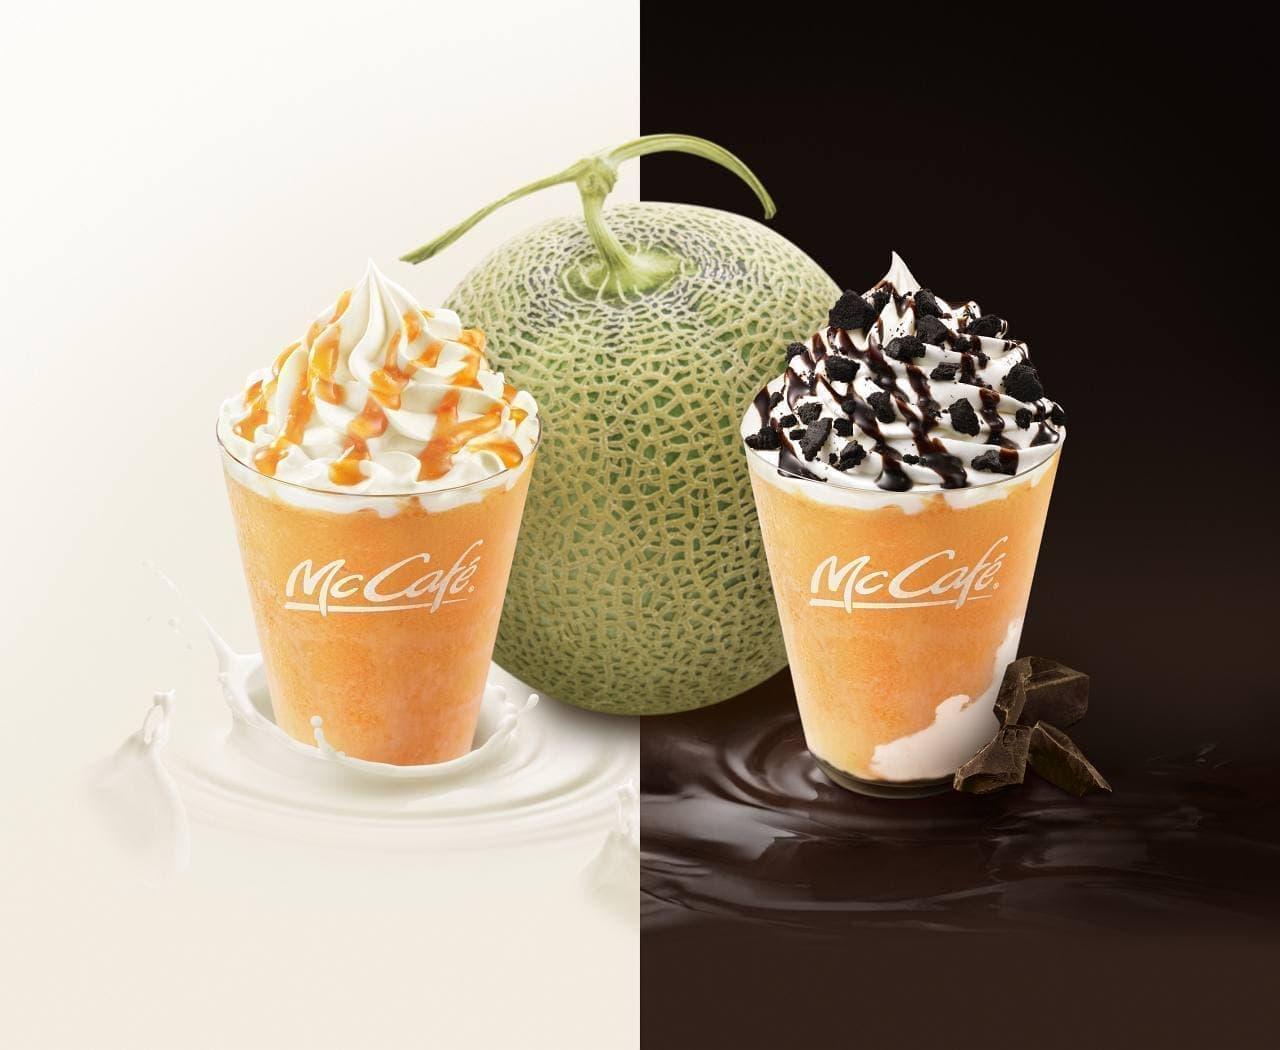 マックカフェ「北海道メロン&ミルクフラッペ」と「北海道メロン&チョコフラッペ」